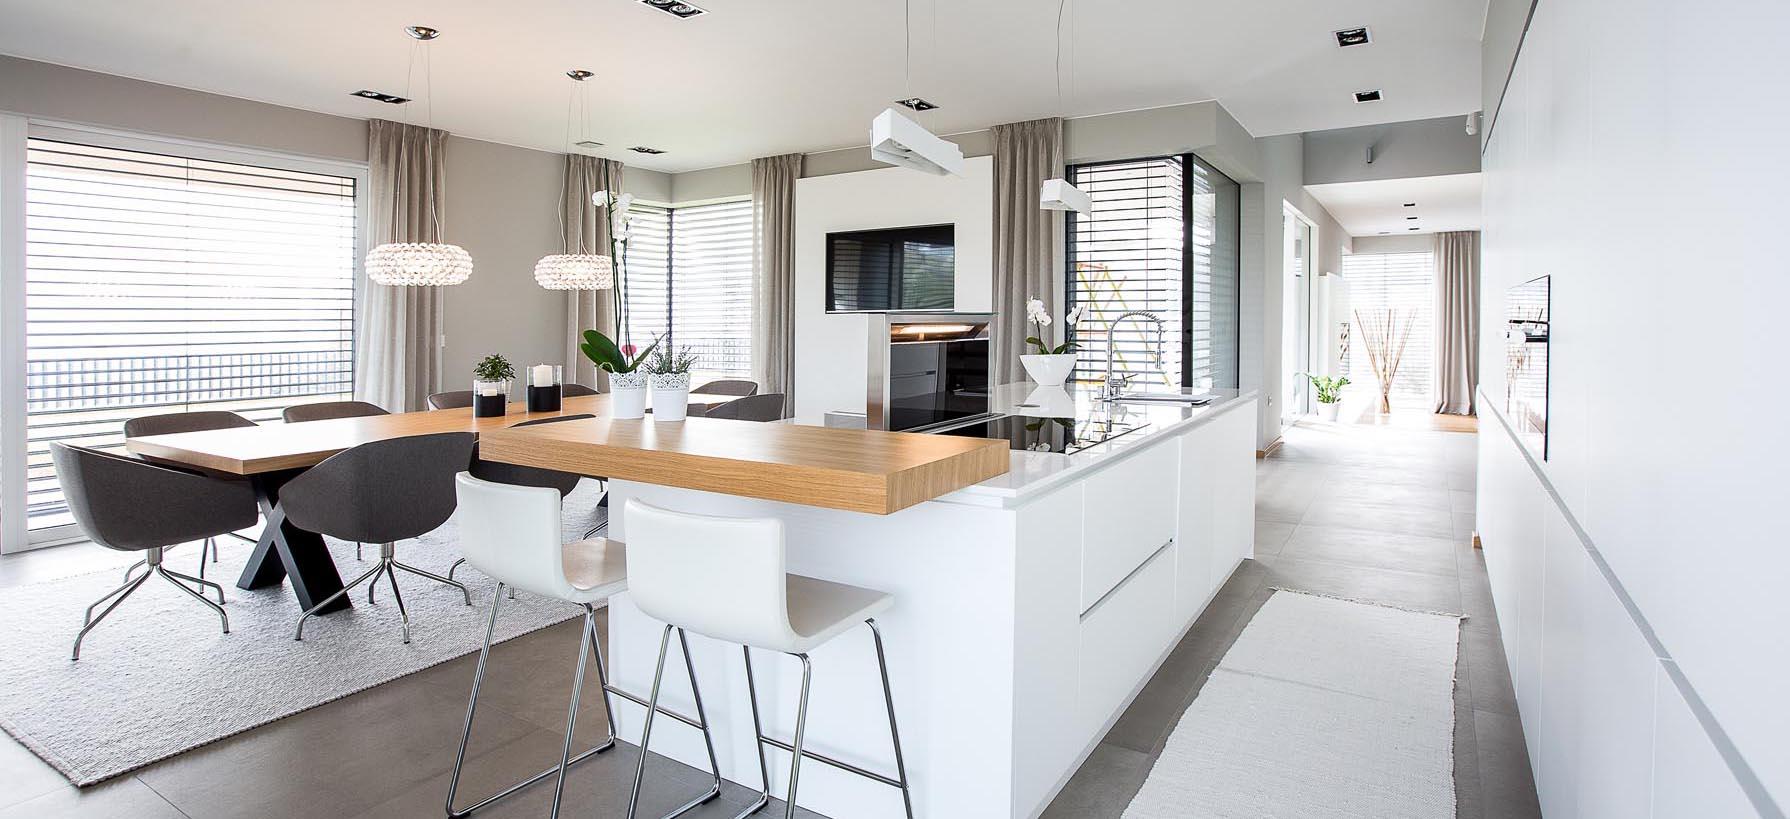 Kombinacija bele in lesa v kuhinji